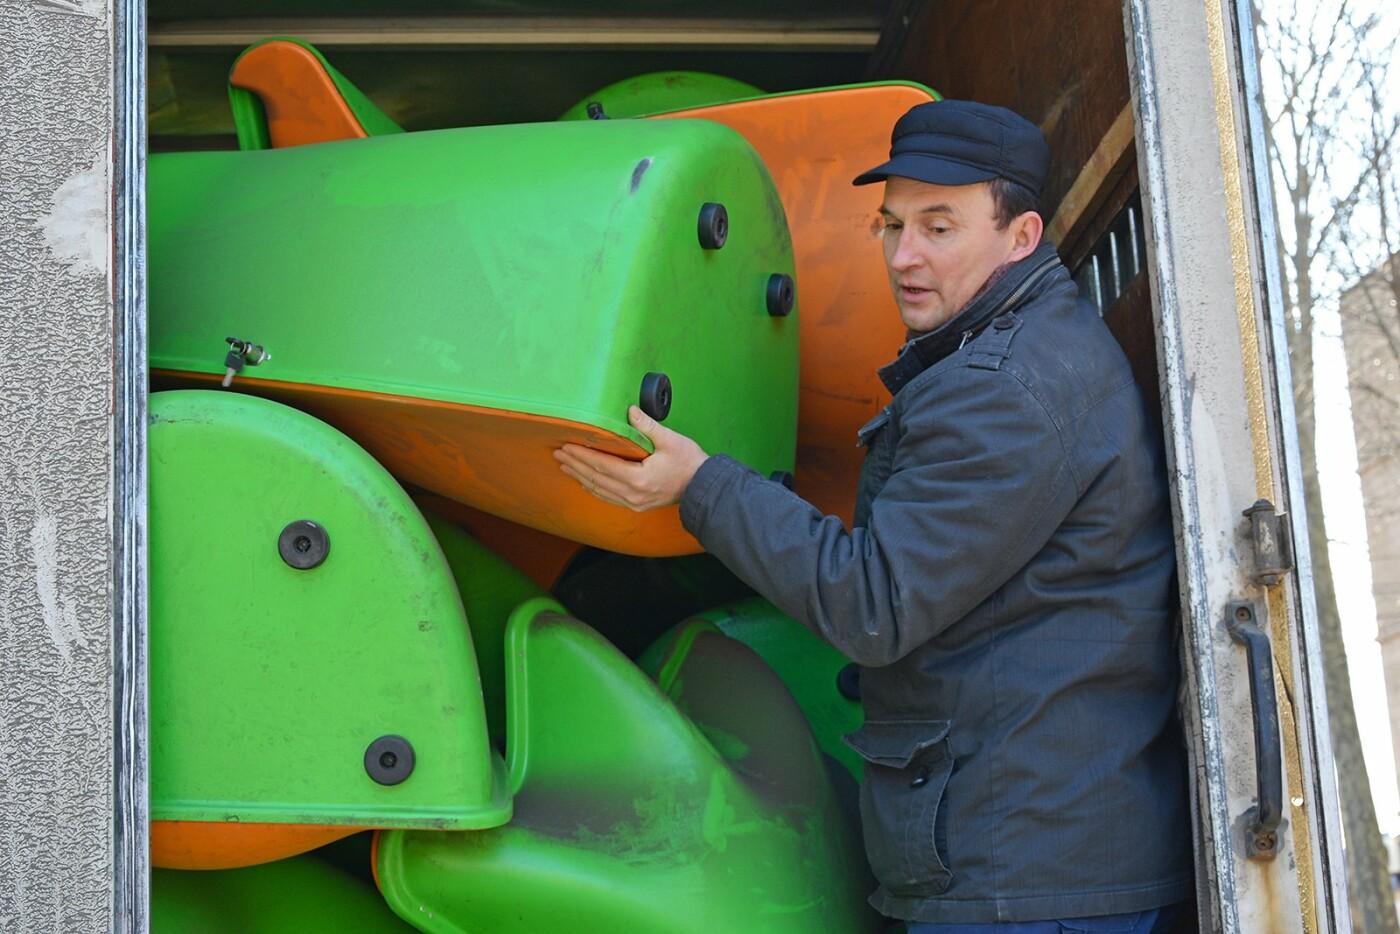 Школьники Николаева первыми начнут сдавать упаковки от напитков на переработку, - ФОТО, фото-2